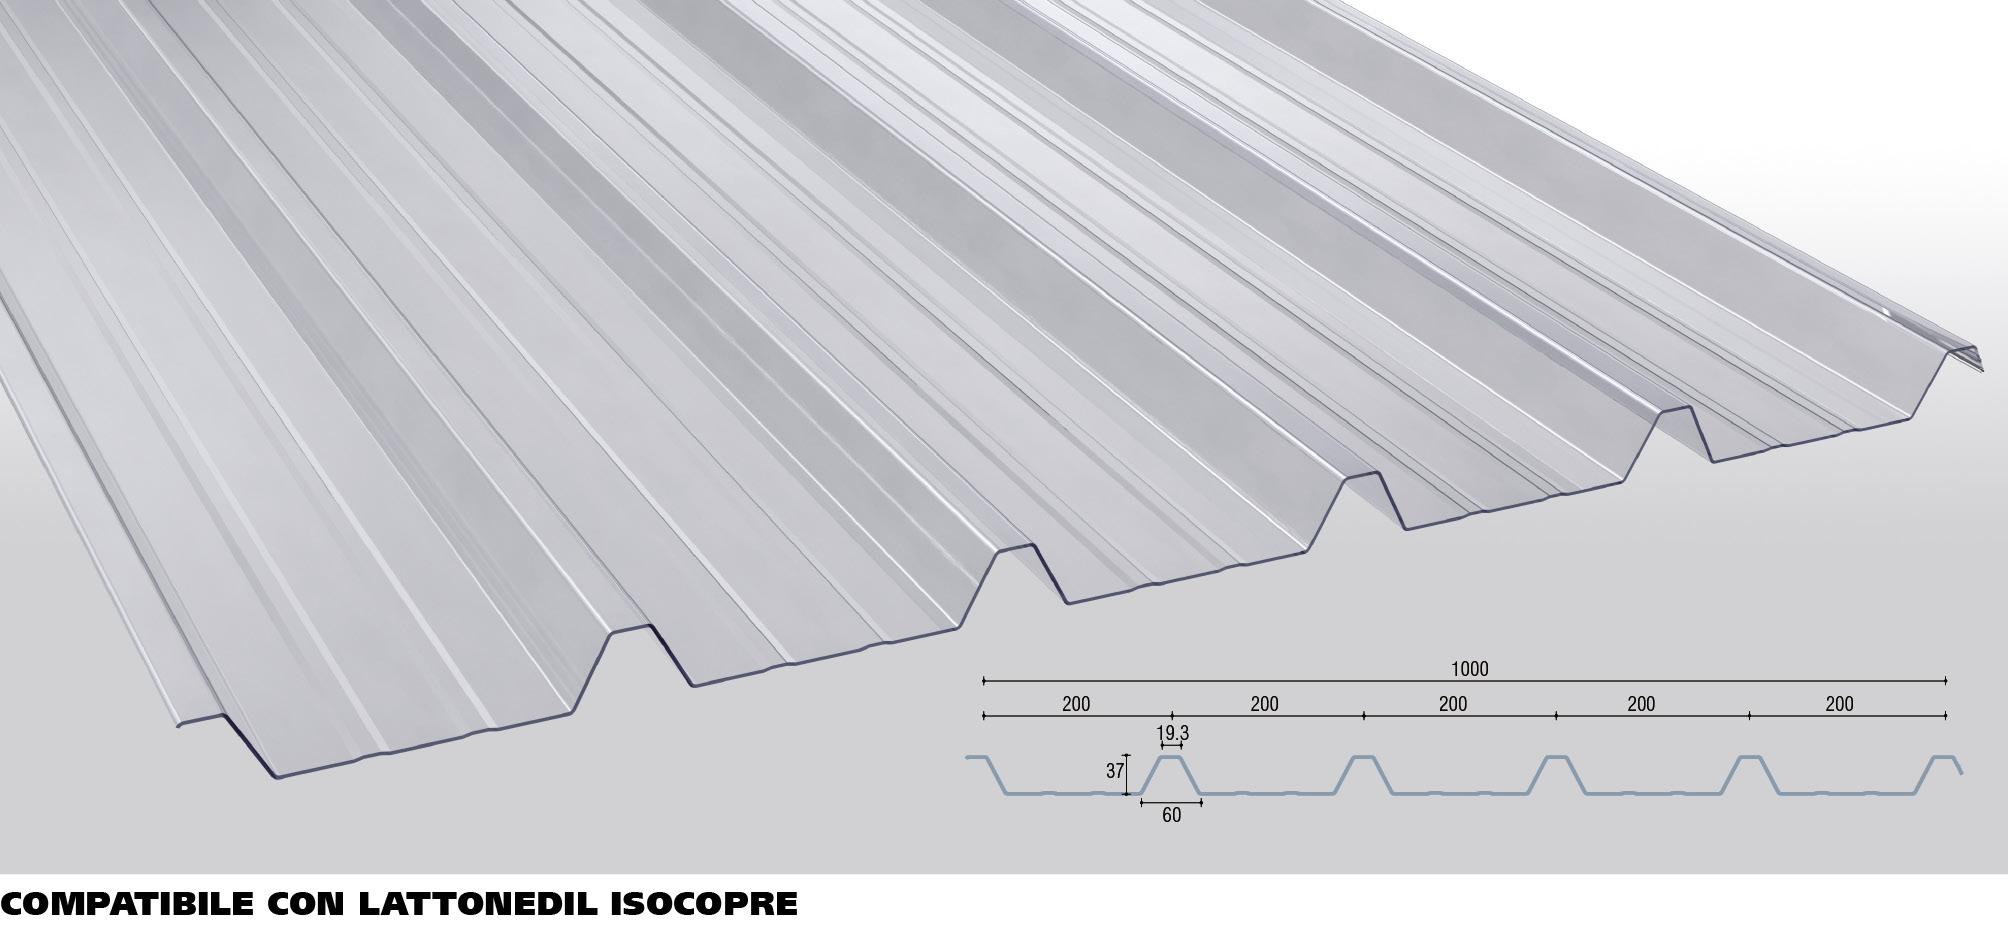 ALVEcomp - isocopre